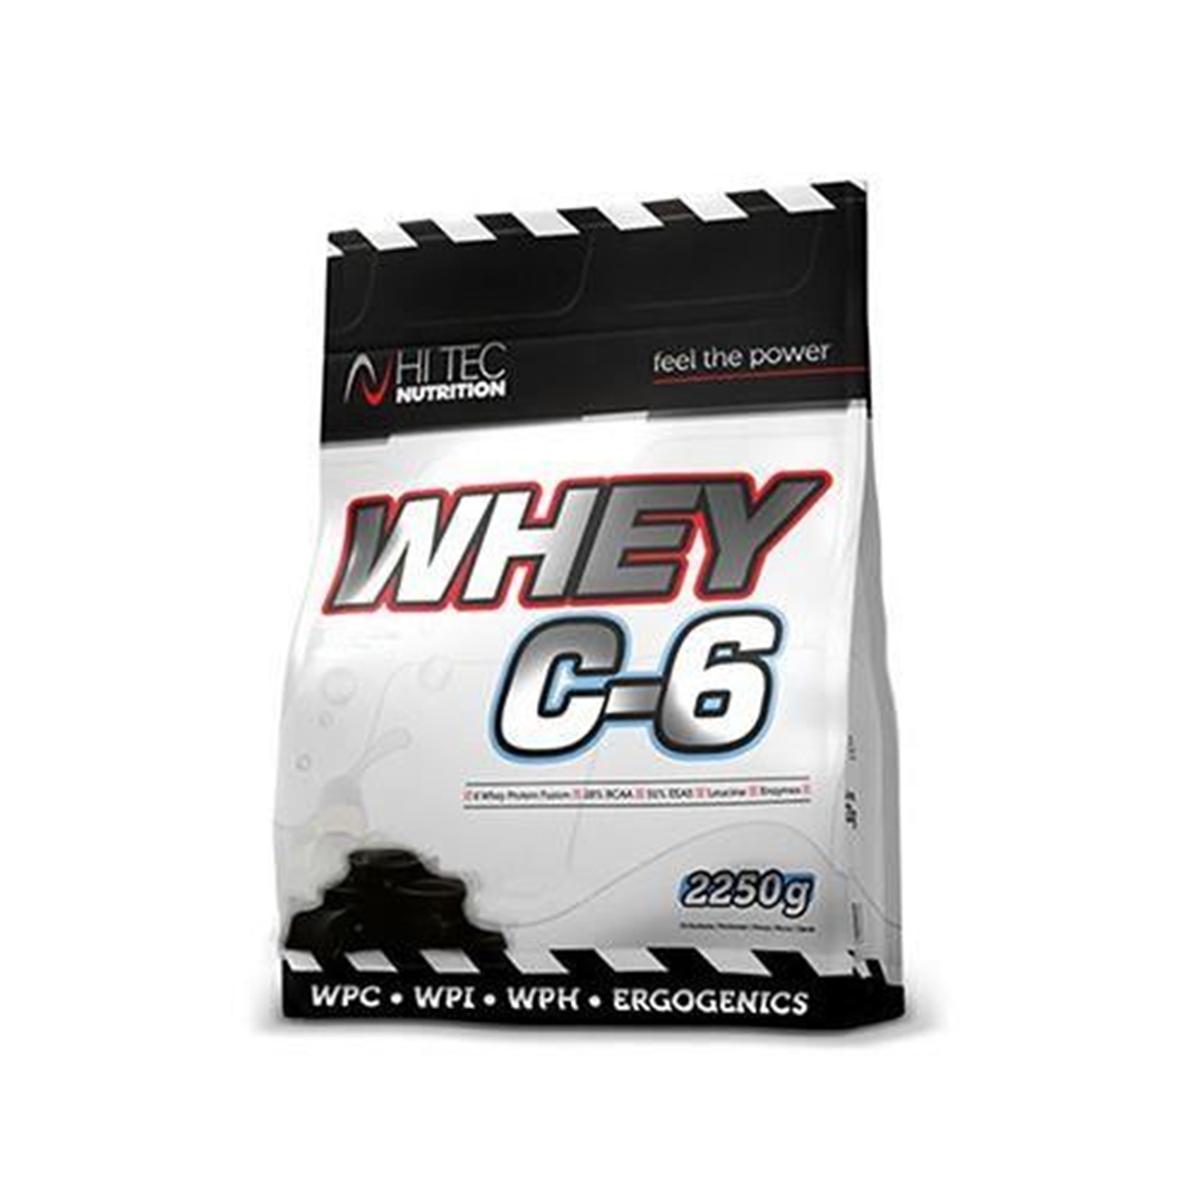 b7a1a10325ab 162 PLN • Whey C-6 2250g - Hi-Tec Nutrition • NAJTANIEJ • Sklep SFD